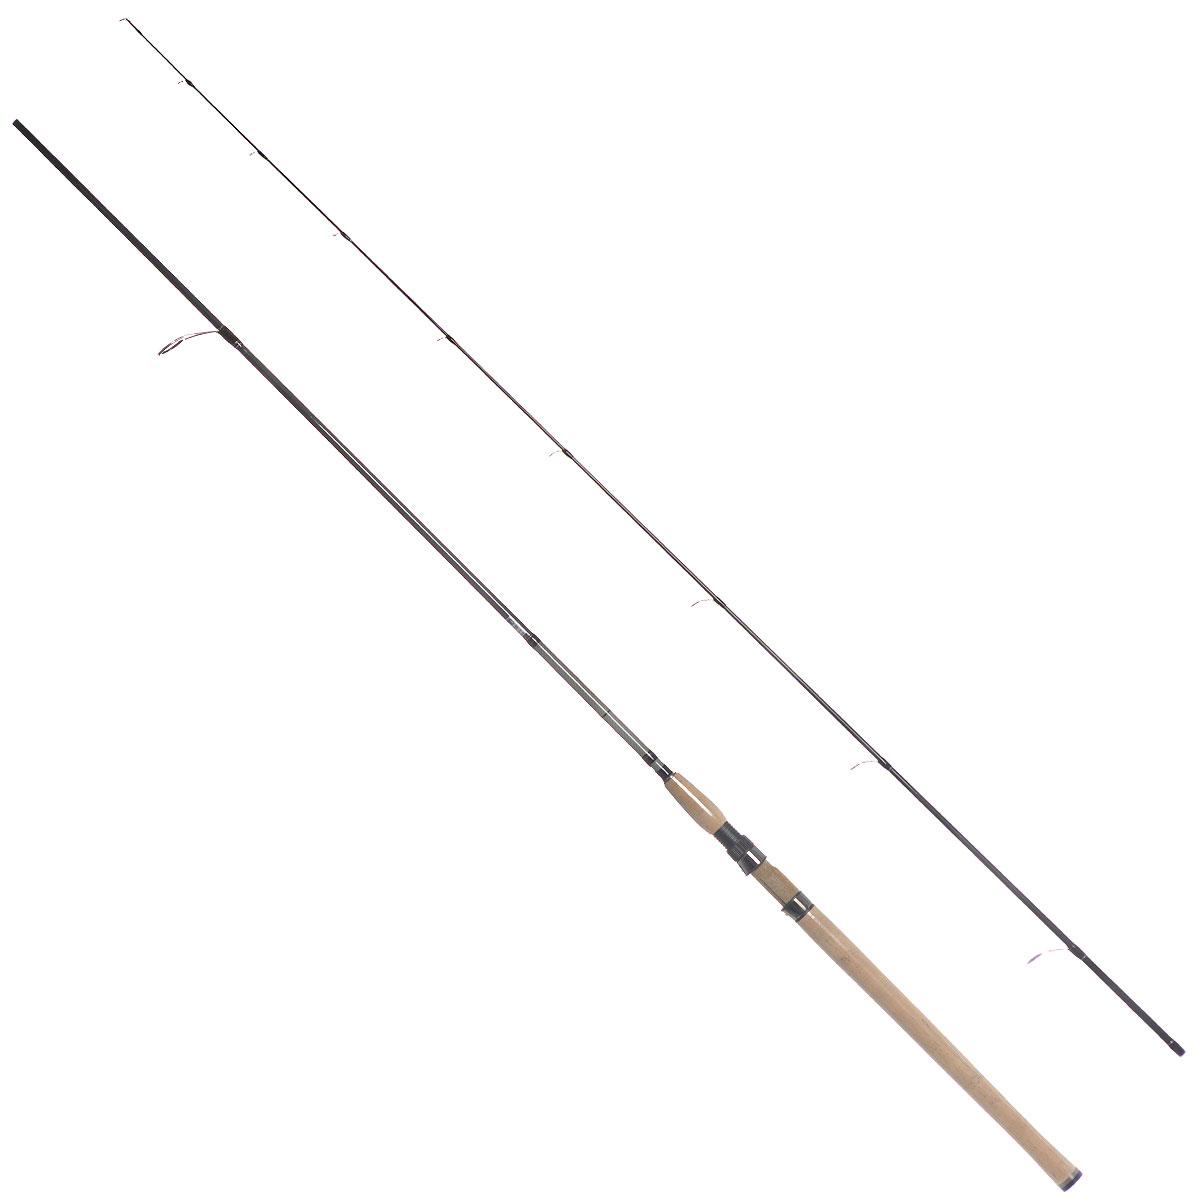 Спиннинг штекерный Daiwa Procyon, 2,7 м, 5-21 г